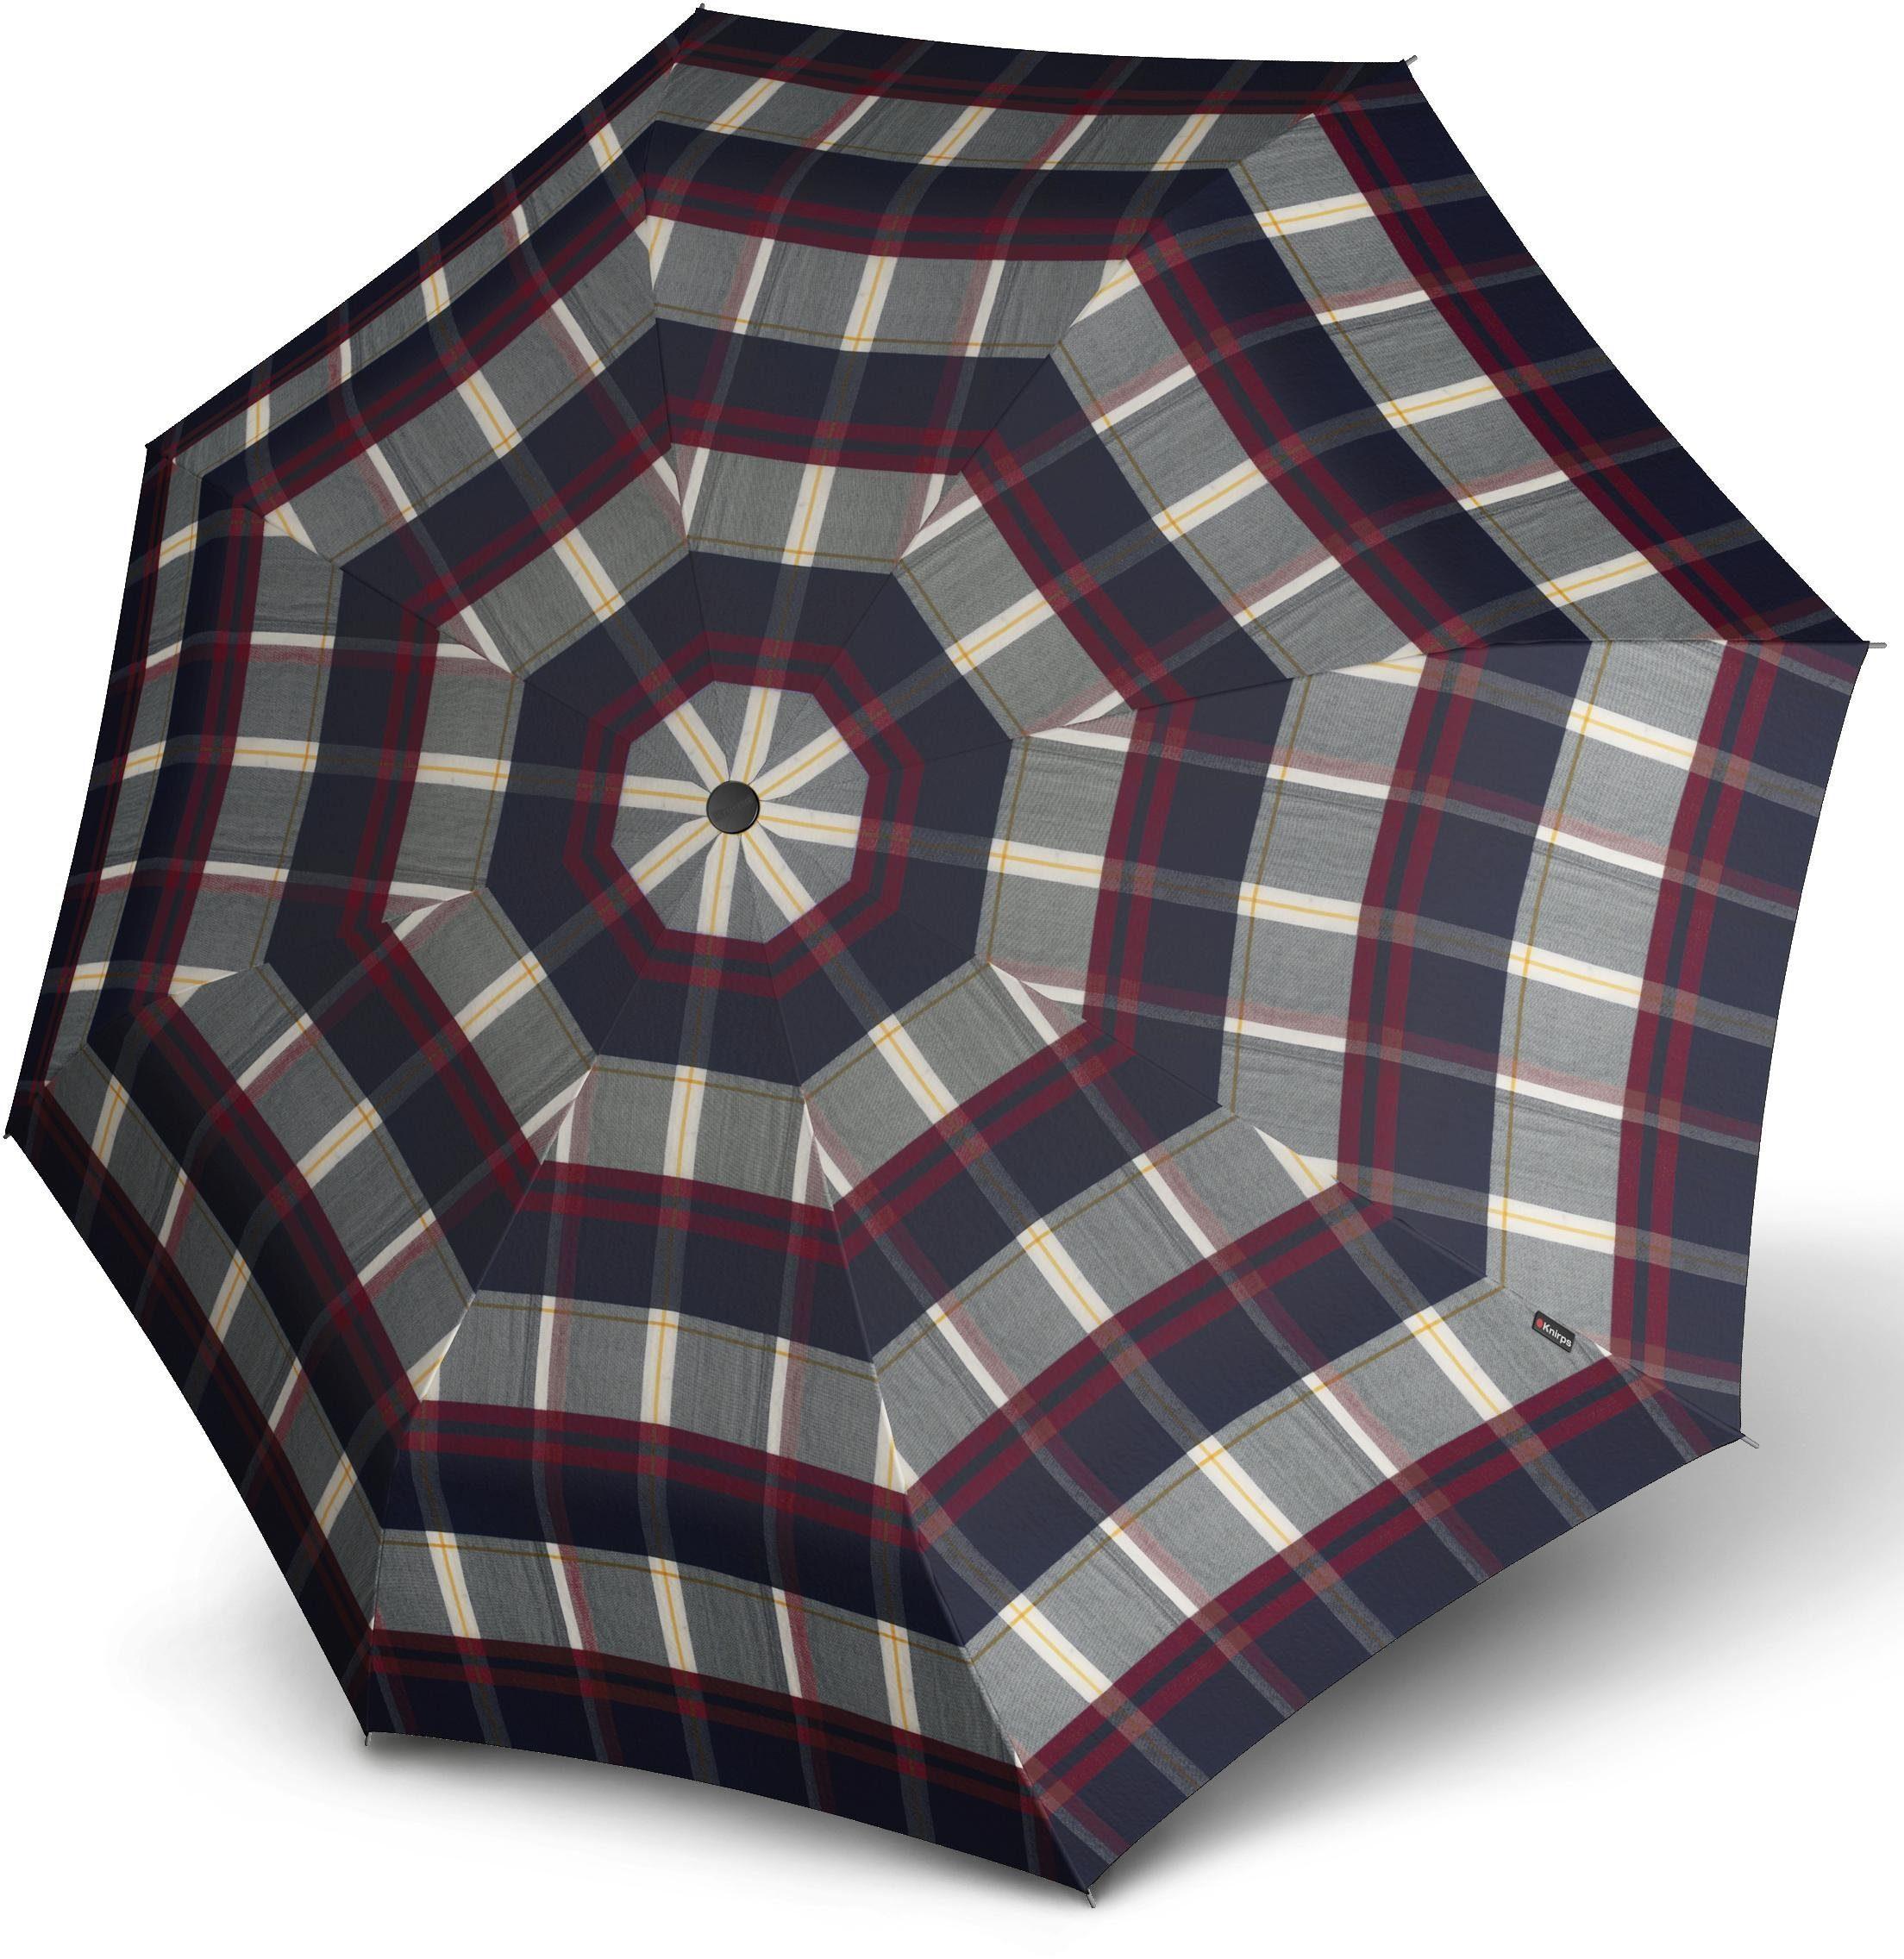 Knirps® Regenschirm - Taschenschirm, »T.200 Medium Duomatic check navy & bordeaux«